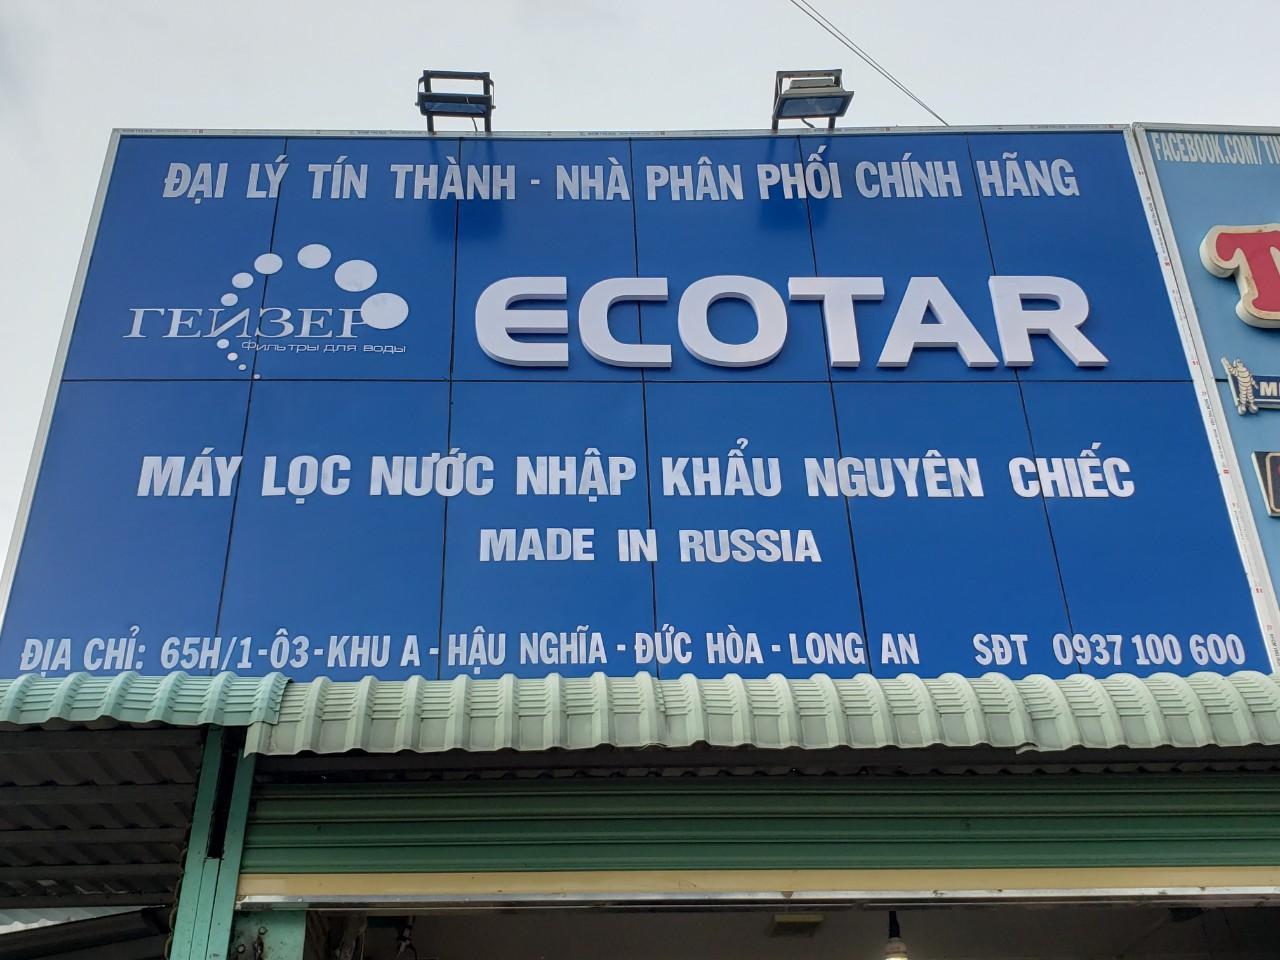 Đại lý Tín Thành Long An bán máy lọc nước chính hãng - Ảnh 1